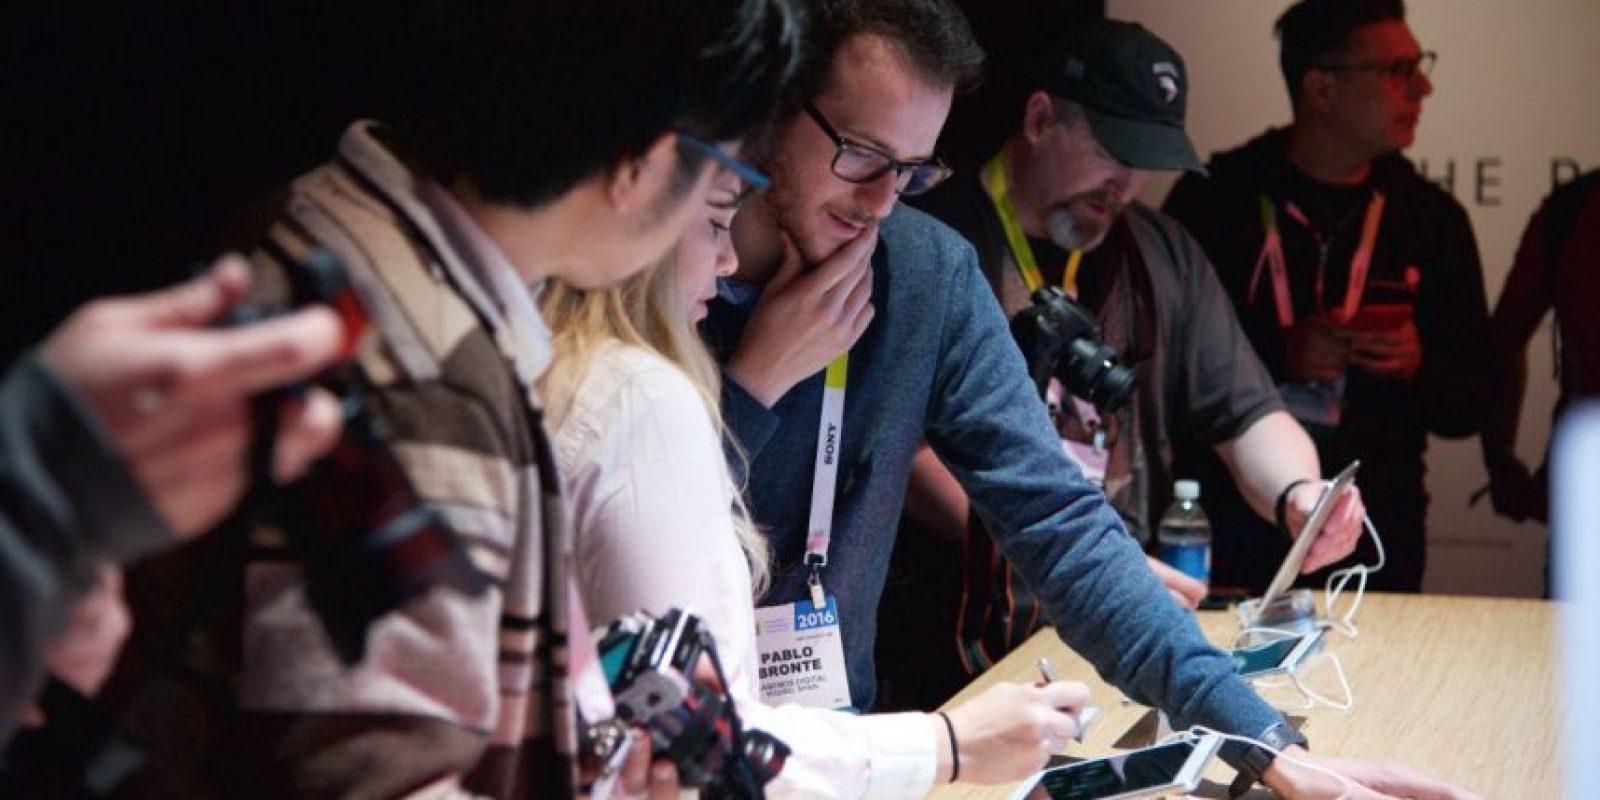 Decenas de periodistas alrededor del mundo participaron al lanzamiento mundial de los productos Huawei para 2016 Foto:LUIS CARLOS NÁJERA